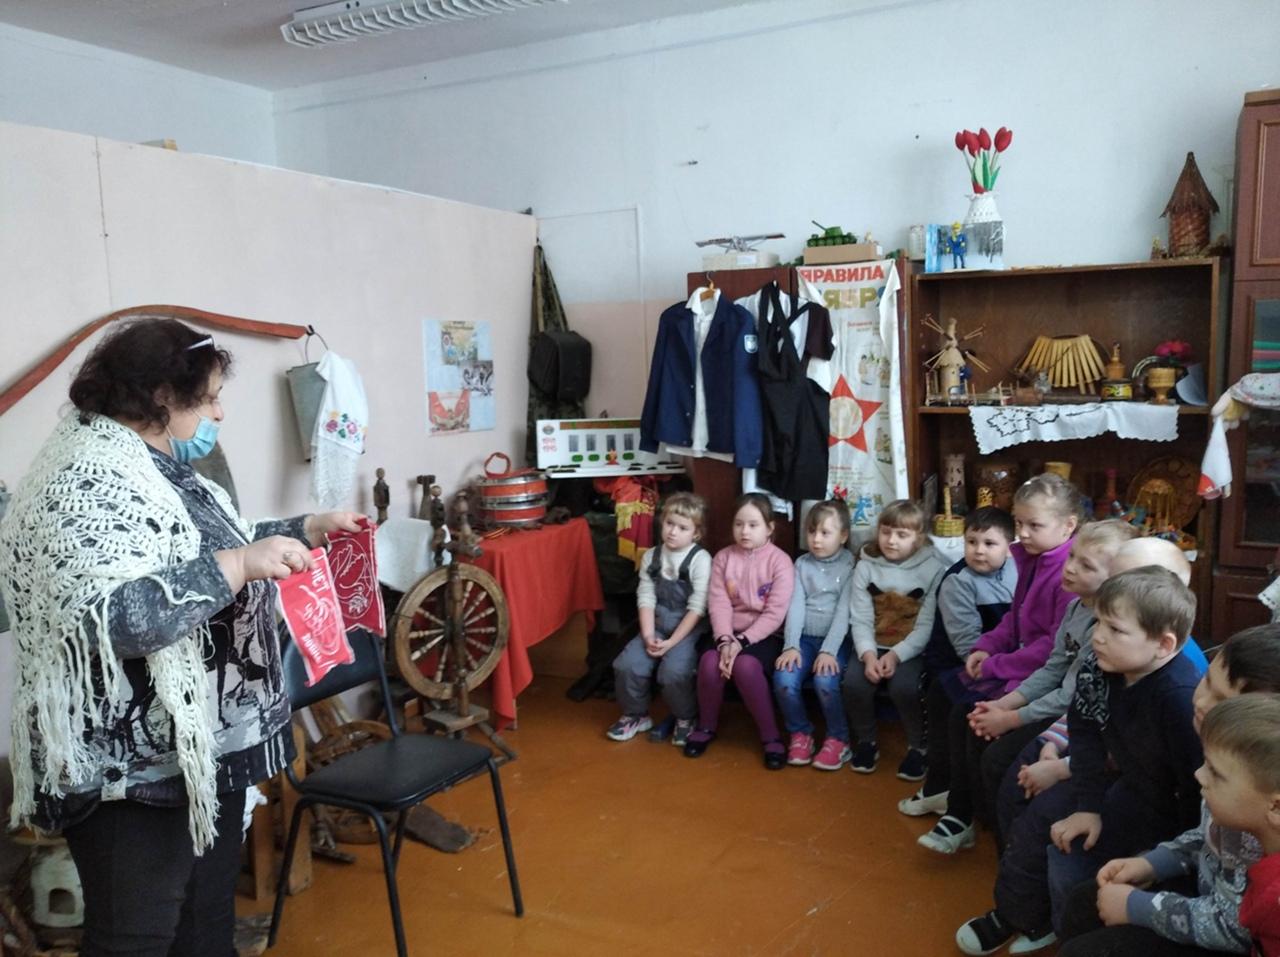 Петровские школьники и дошколята участвуют в памятных мероприятиях «Дети Ленинграда и дети Холокоста» и «Блокадный хлеб»